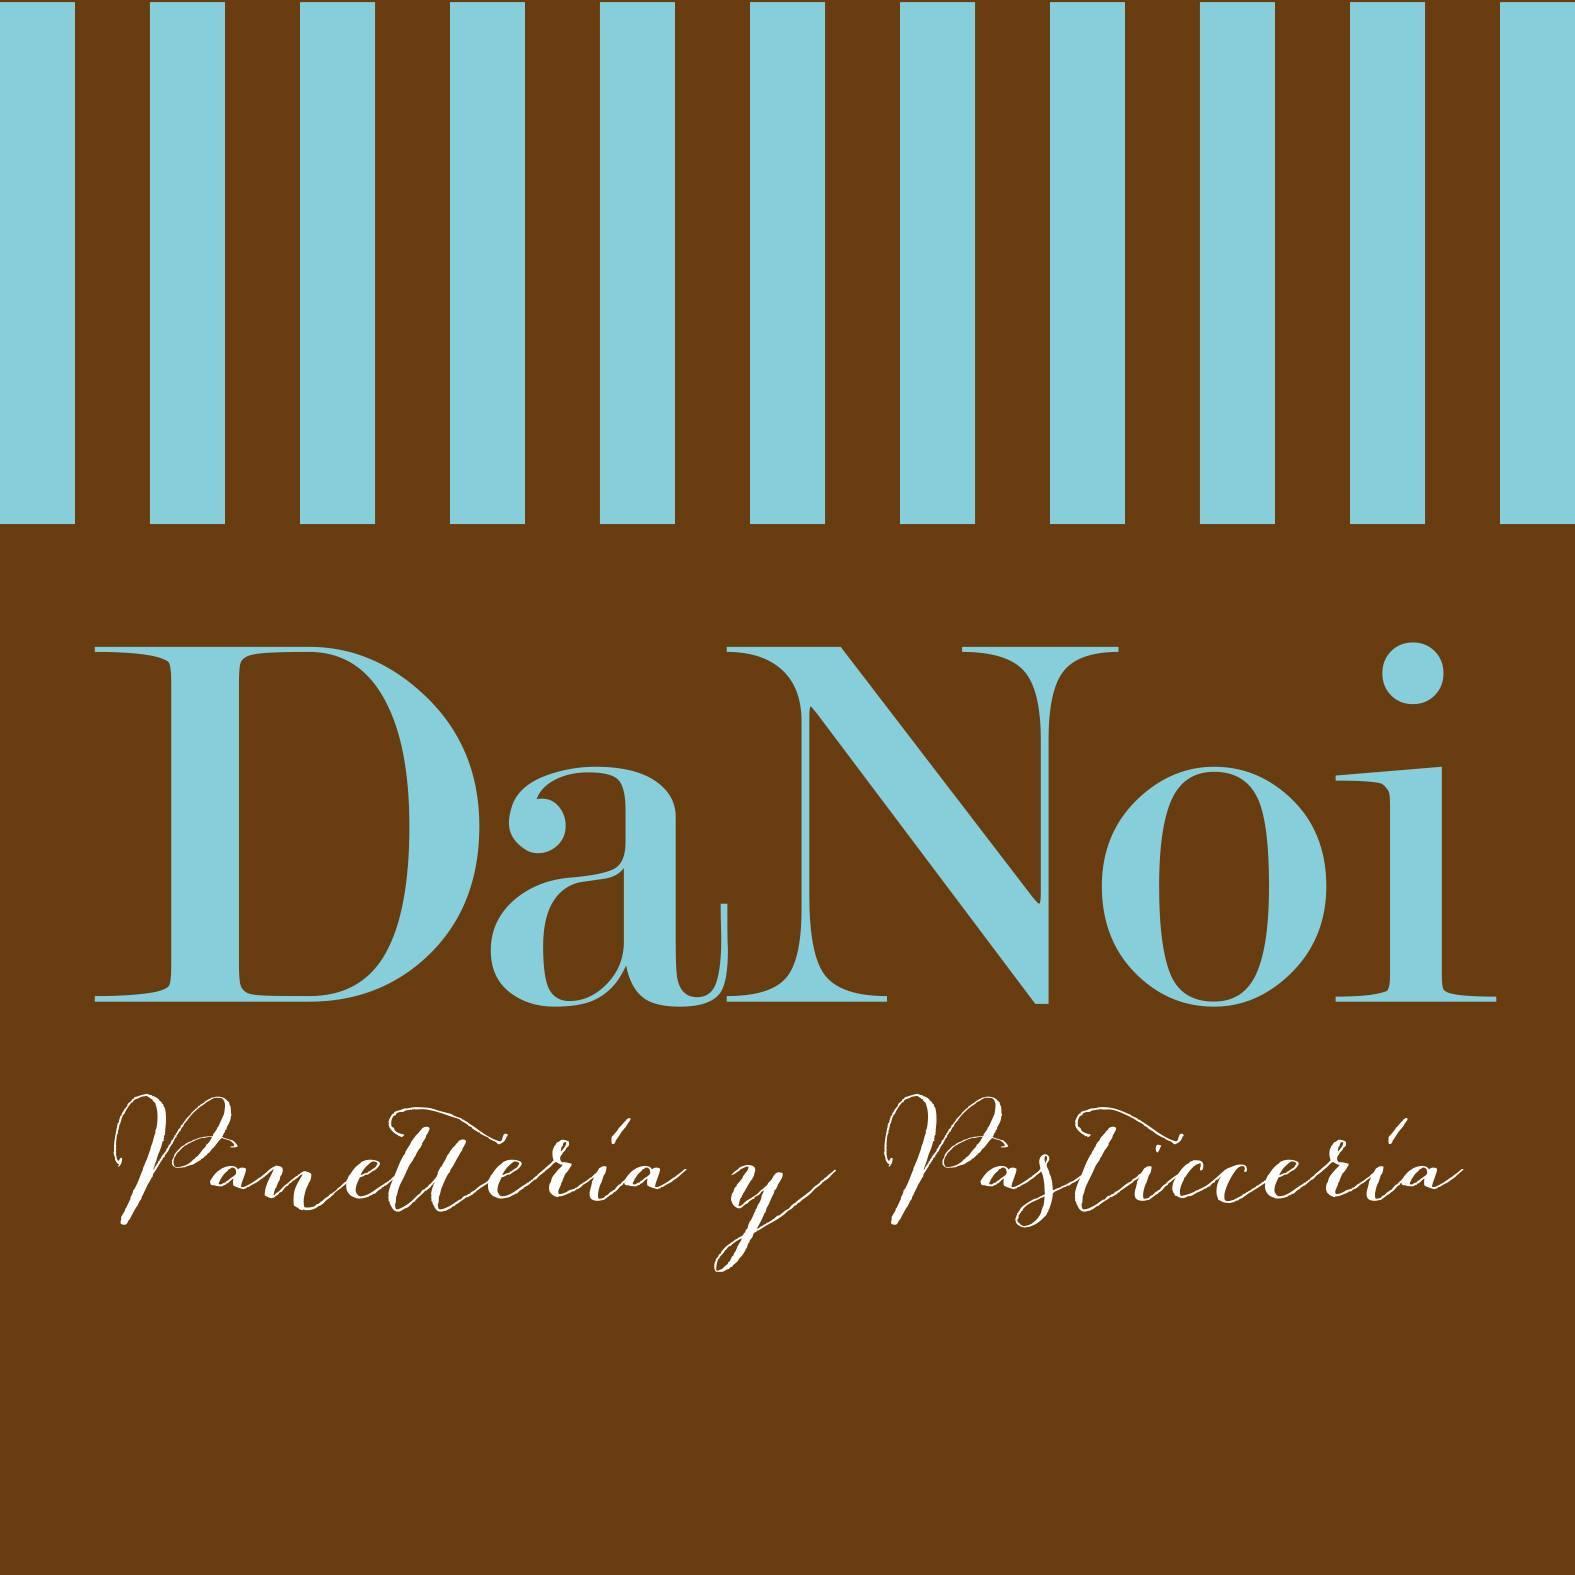 CONFITERIA DANOI